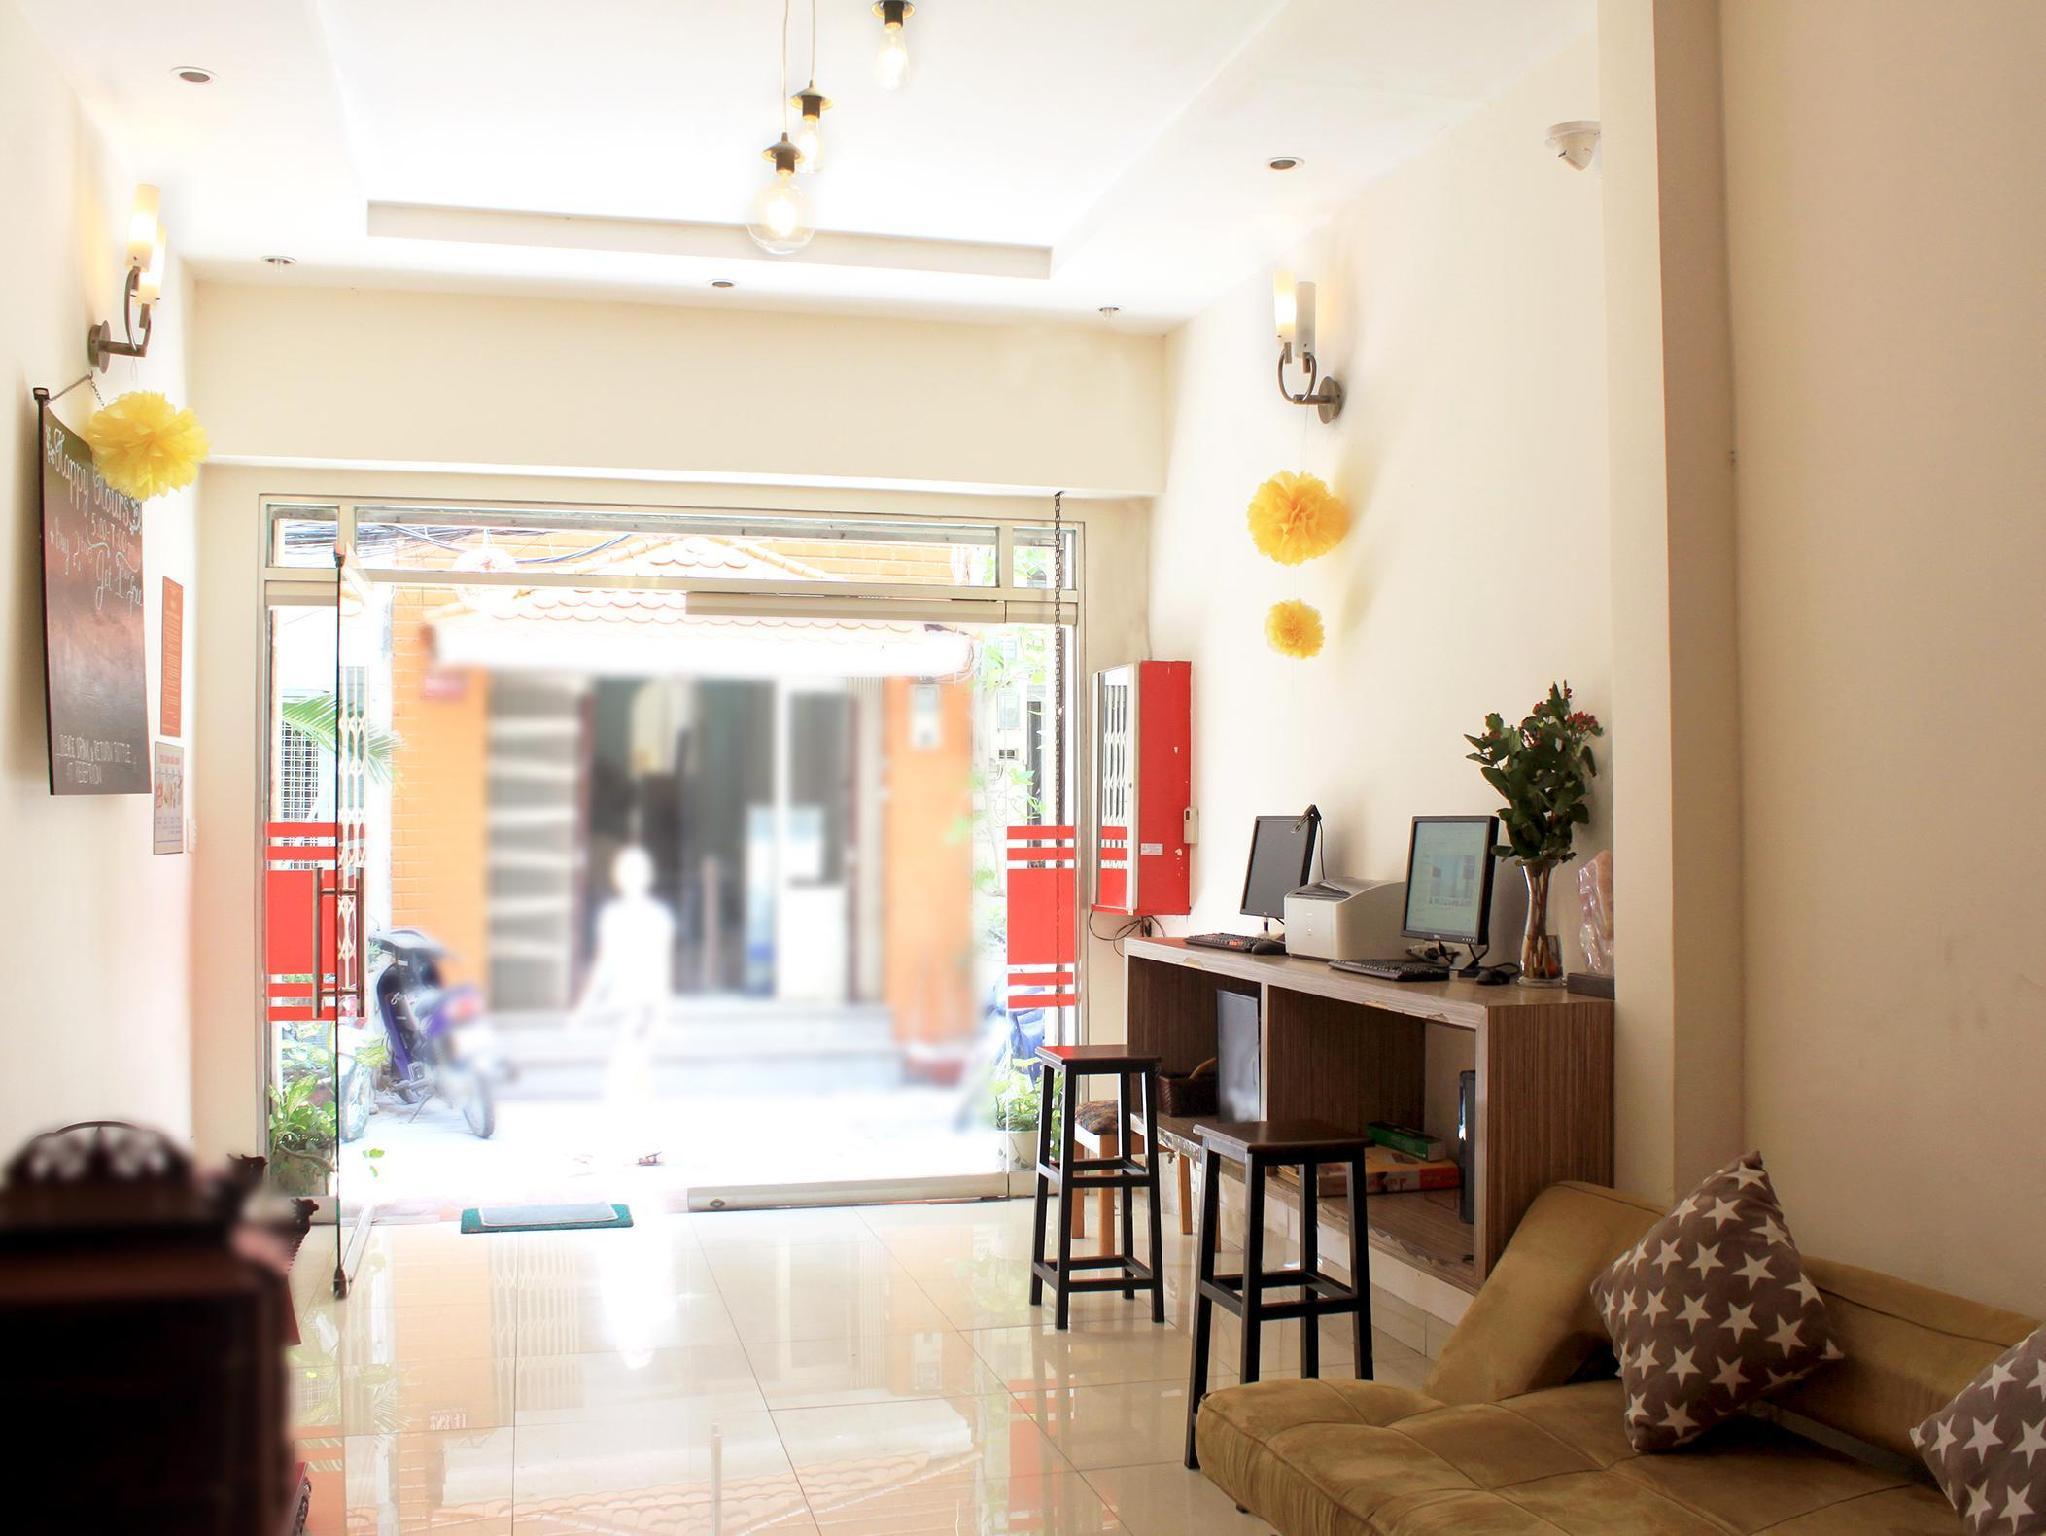 Giang Son Hotel 2 - Hotell och Boende i Vietnam , Ho Chi Minh City